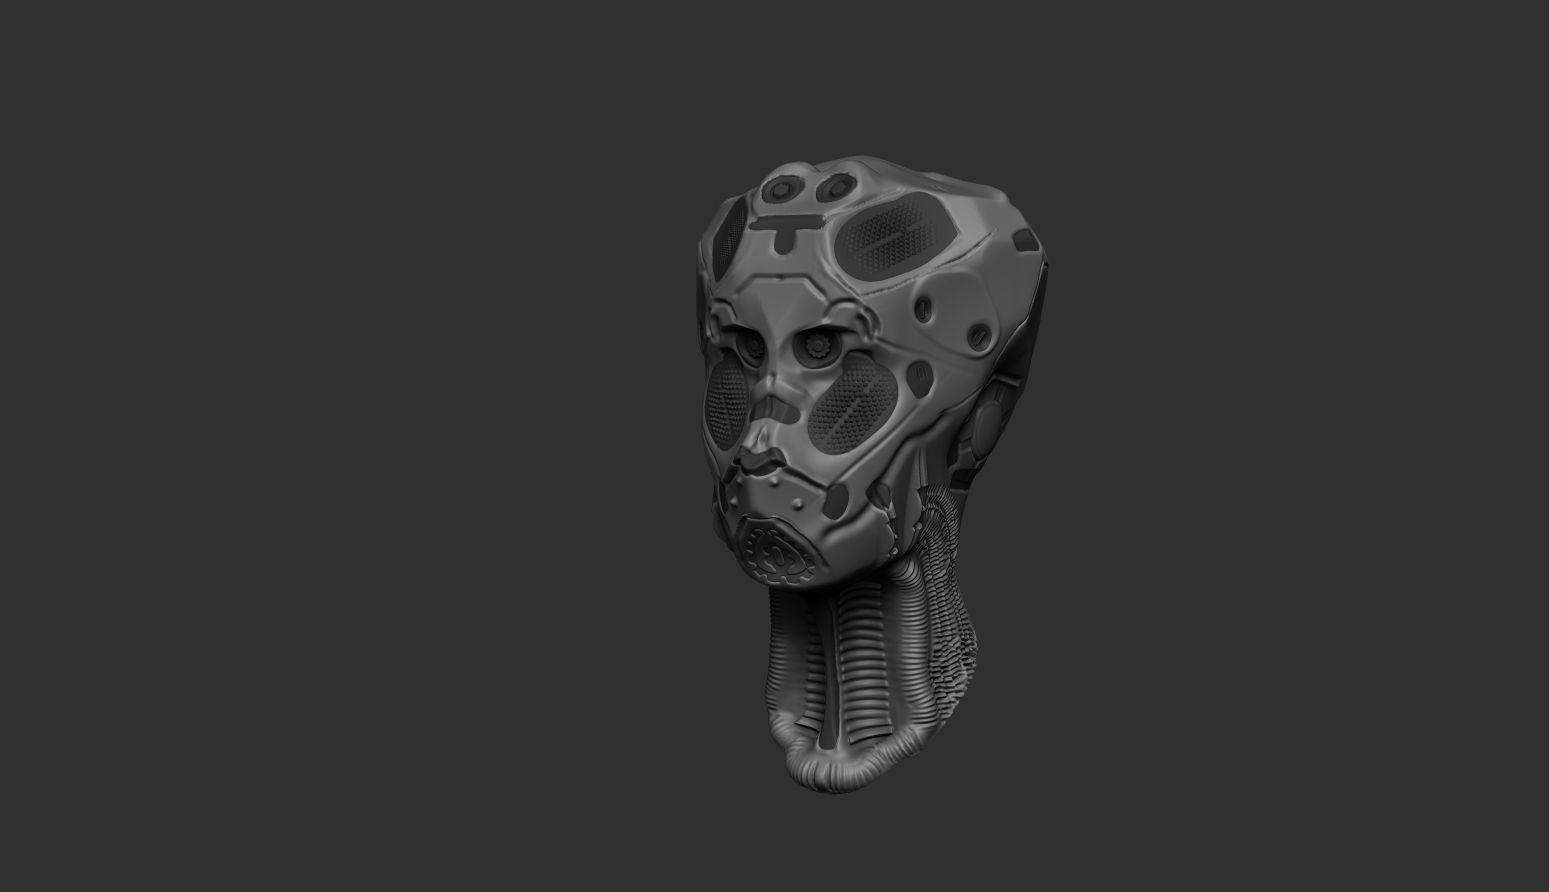 Robotic head concept